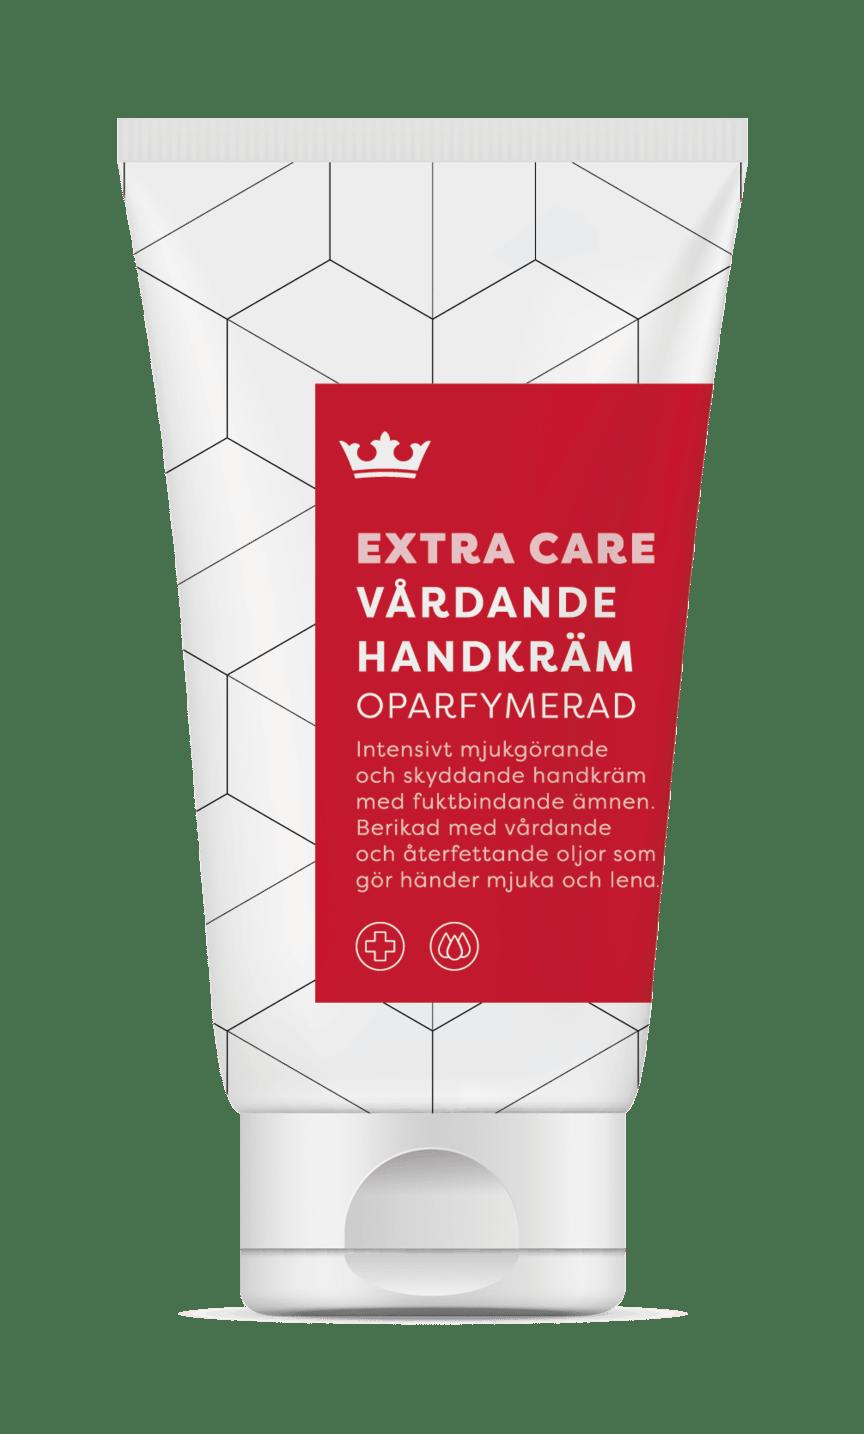 Kronan_EC Vardande Handkram OPARF